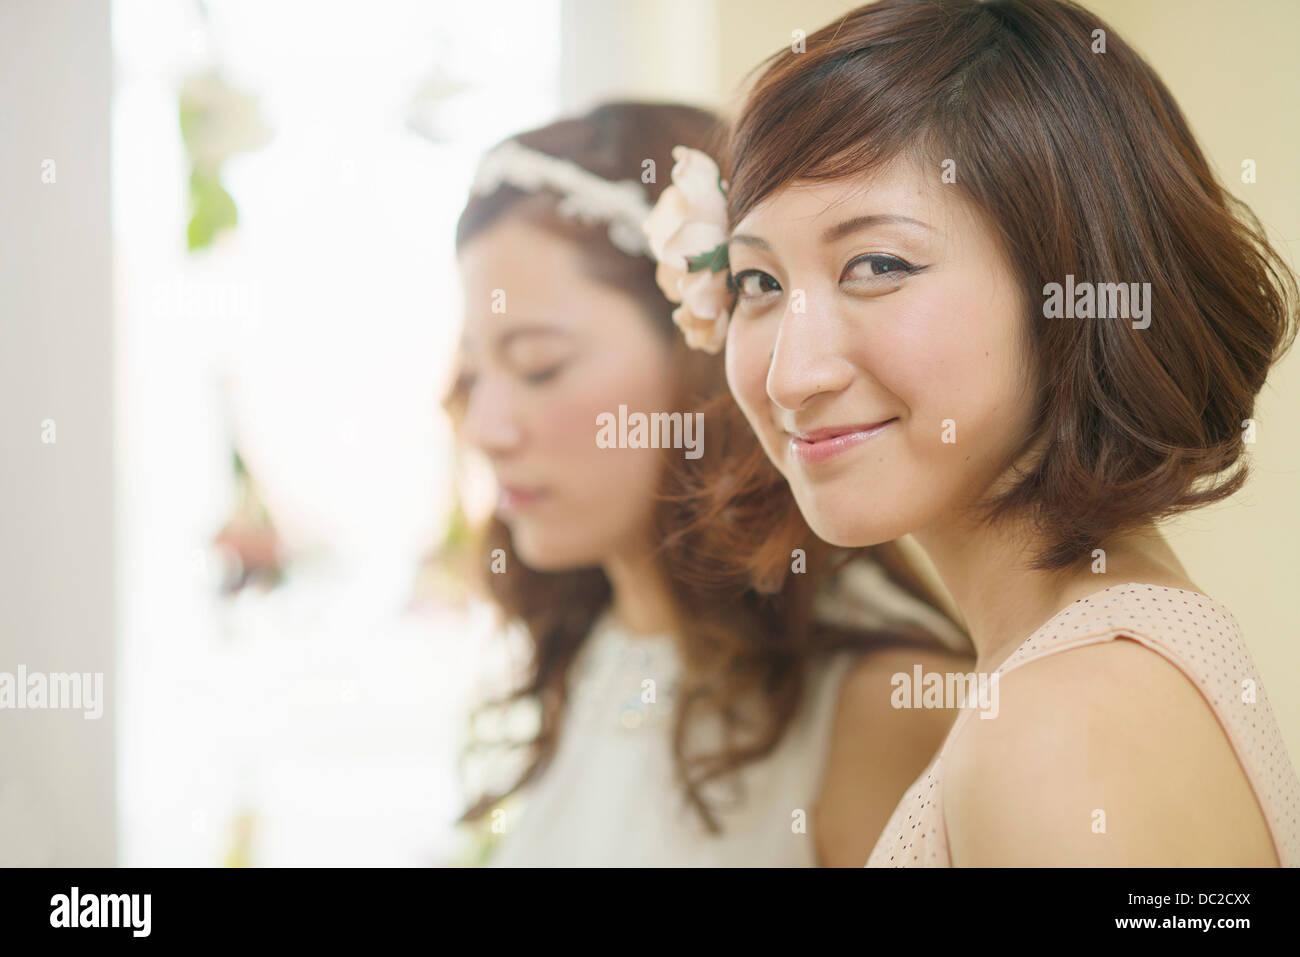 Mujer sonriente mirando lateralmente en la cámara Imagen De Stock